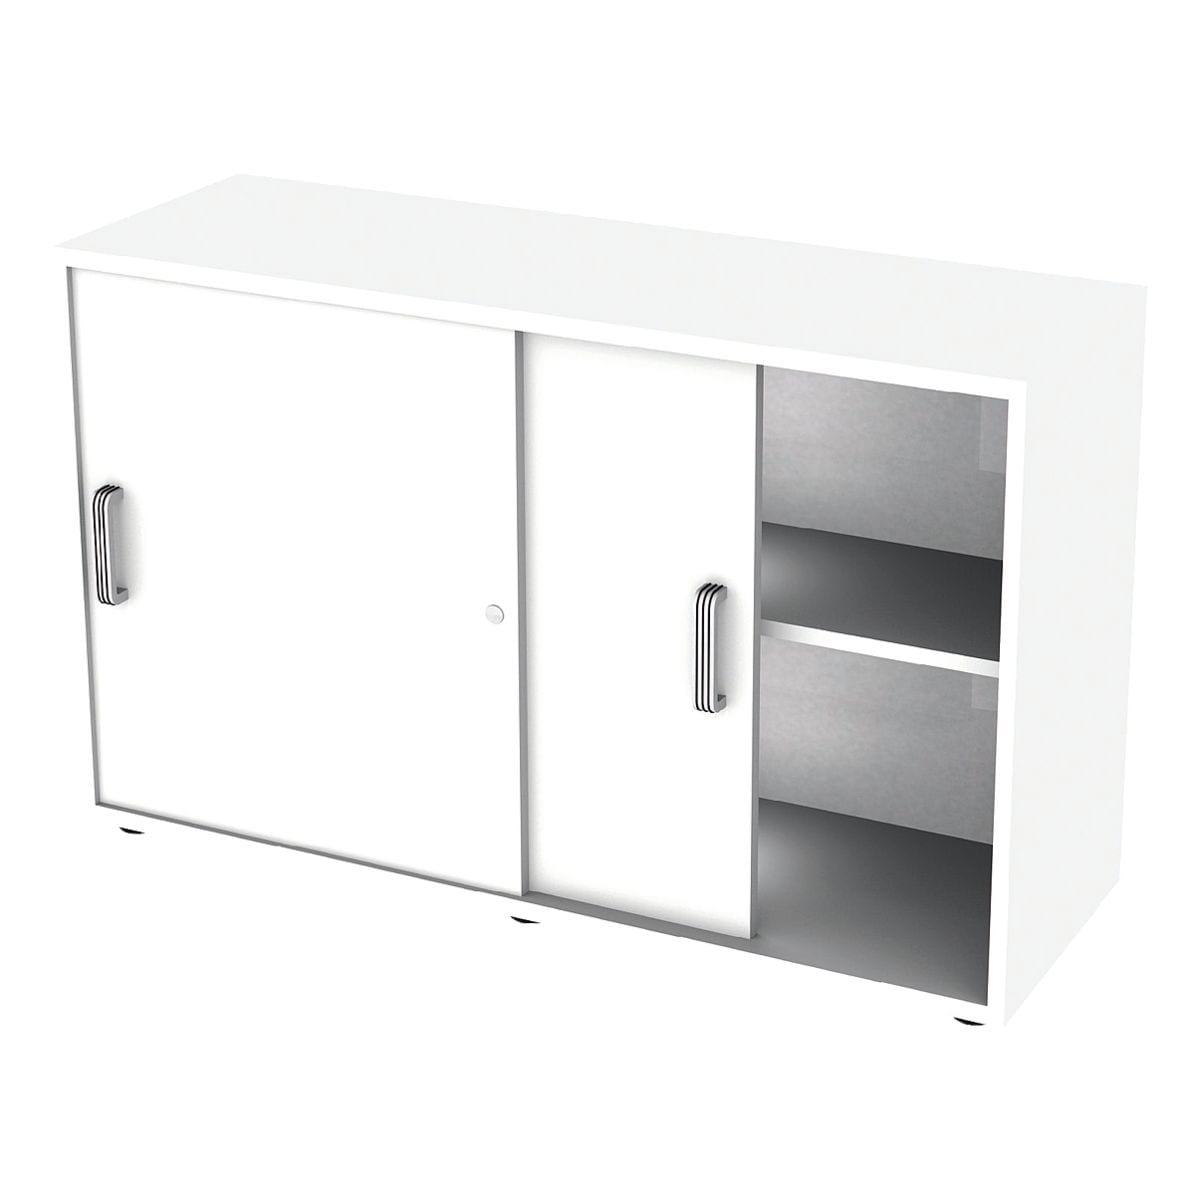 otto office premium schiebet renschrank otto office line iii 2 oh bei otto office g nstig. Black Bedroom Furniture Sets. Home Design Ideas